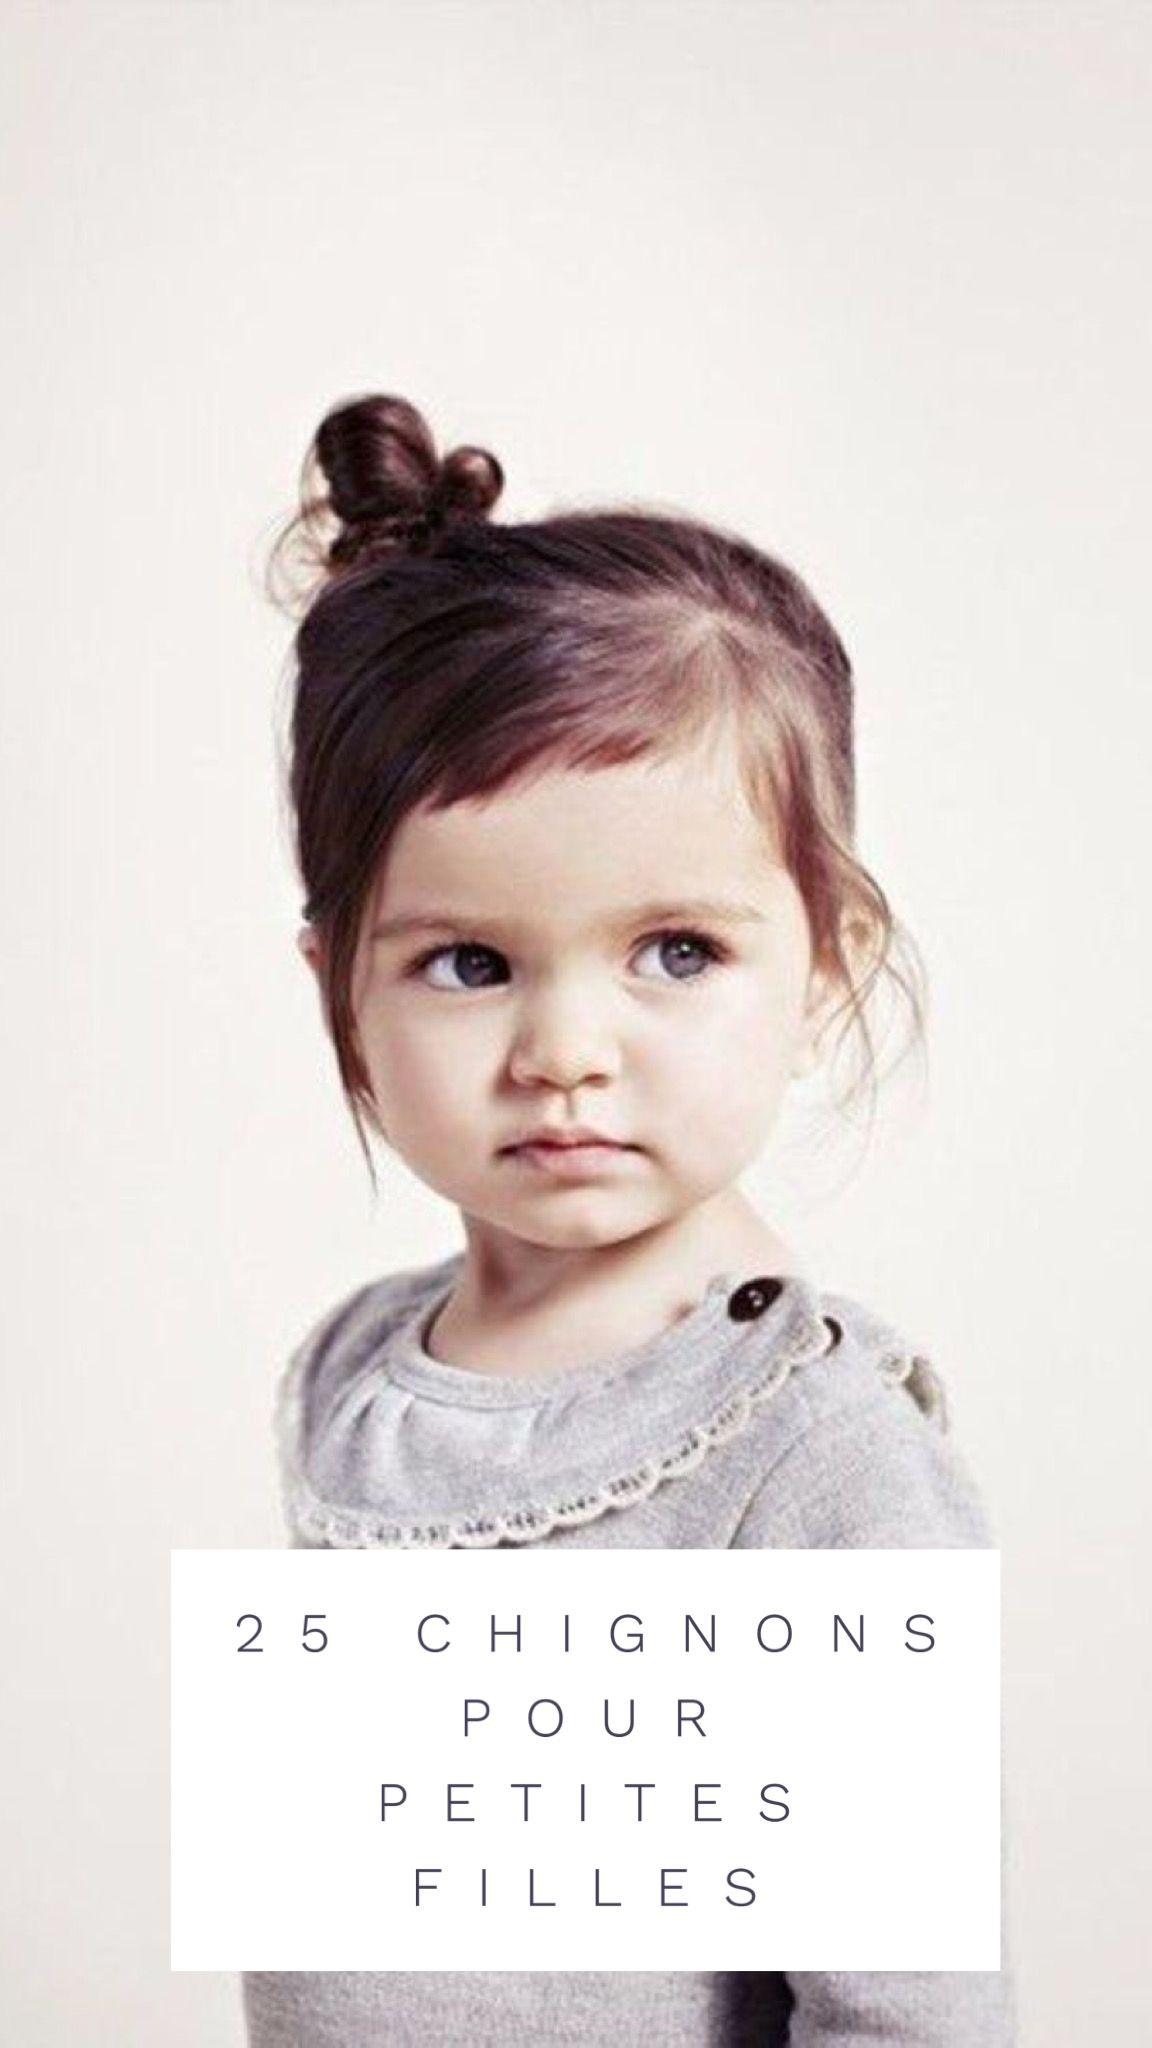 Coiffure 25 Chignons Pour Petite Filles Tres Tendance Chignon Petite Fille Coiffures Faciles Petite Fille Coiffure Mariage Enfant